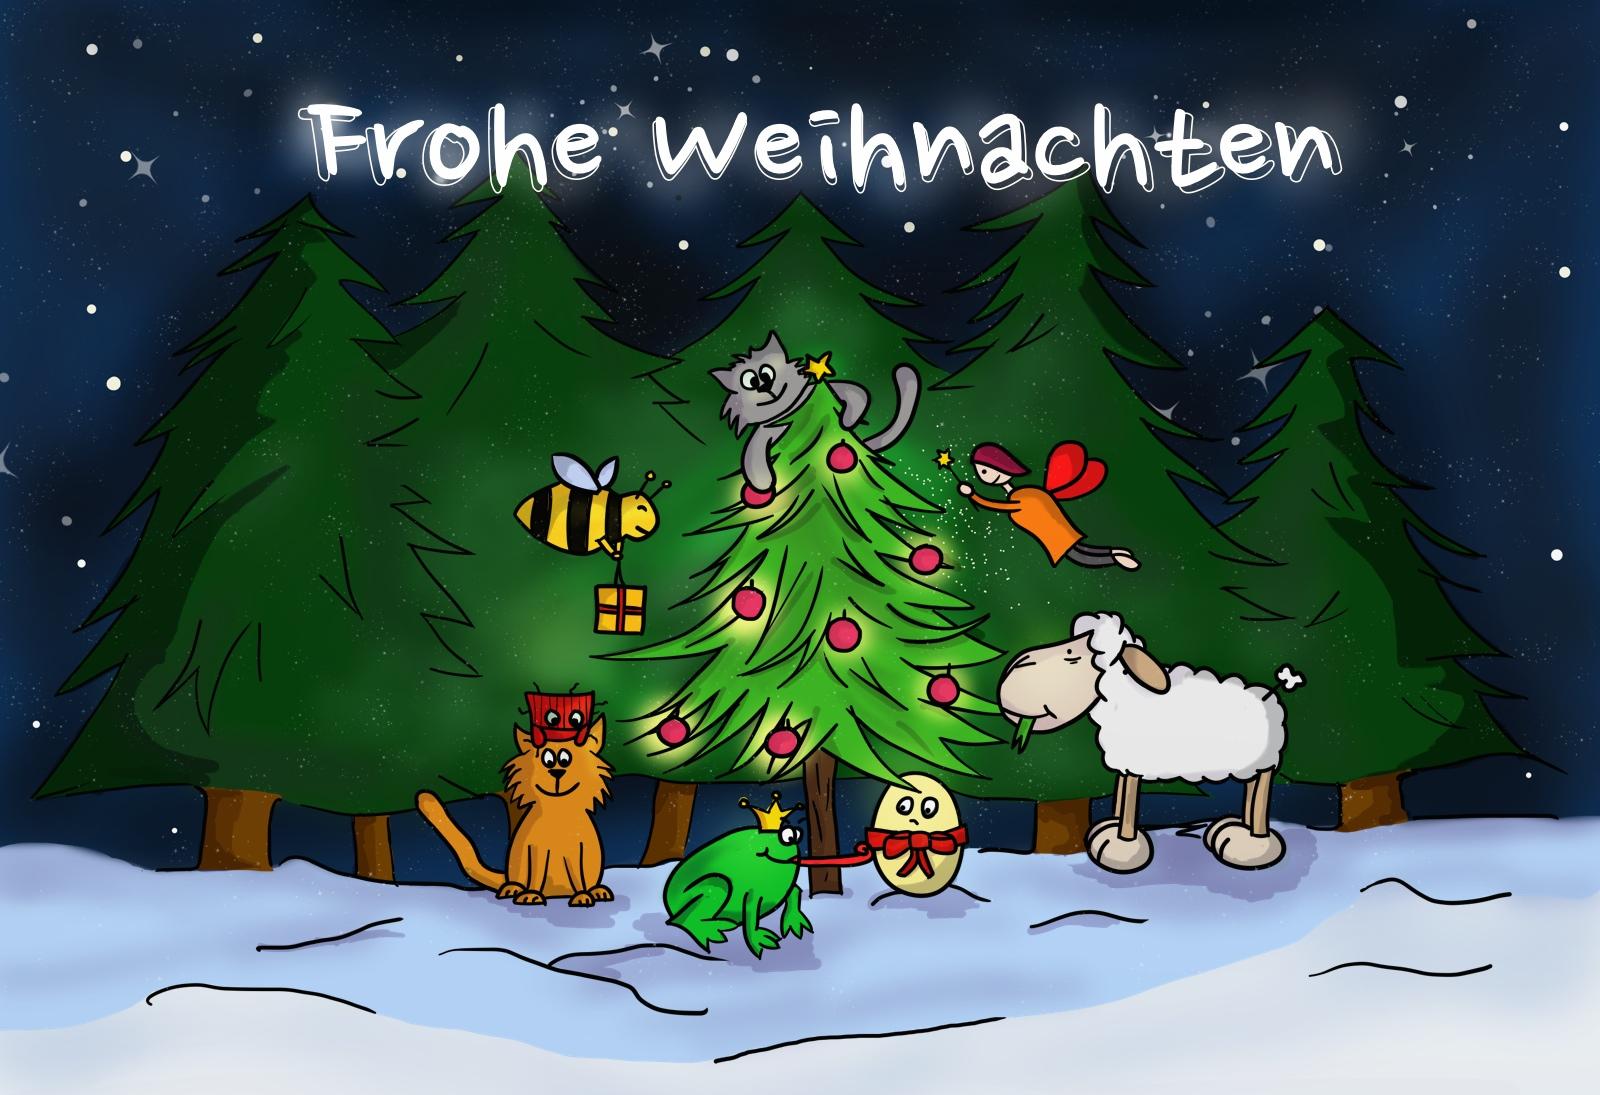 Comic Frohe Weihnachten.Frohe Weihnachten Und Alles Gute Für 2015 Tischtennis Bundesliga